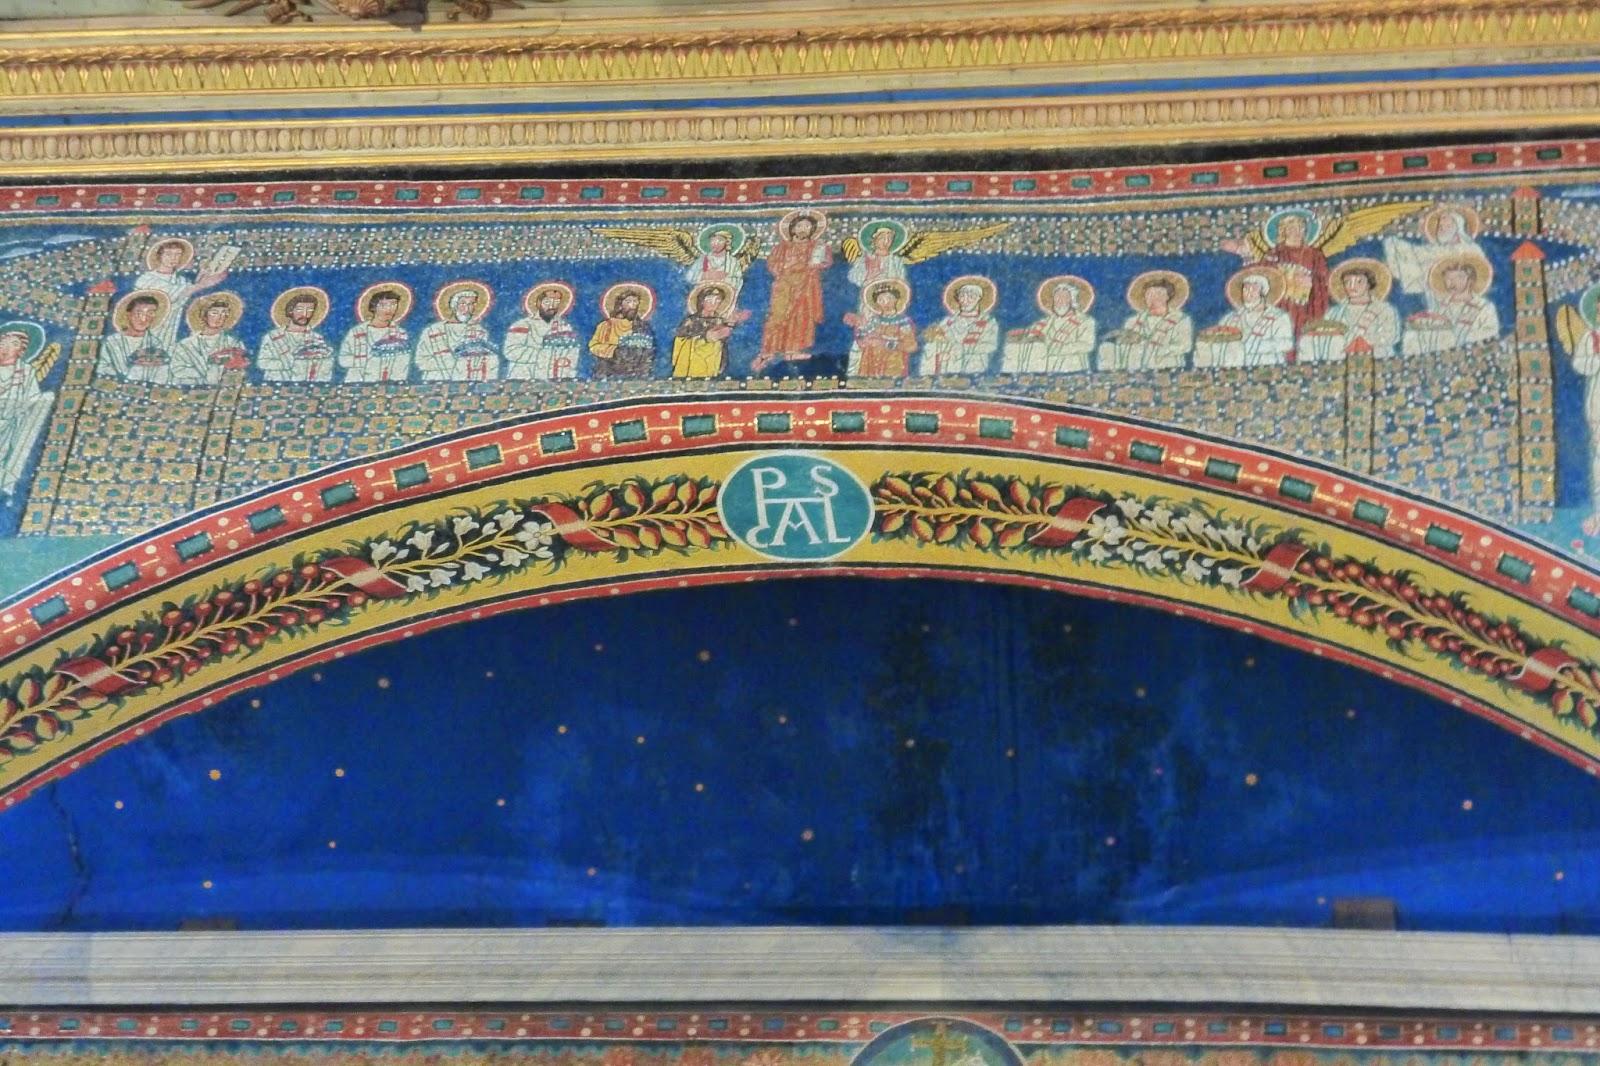 Basilica Santa Prassede mosaico apostolos - Basílica de Santa Prassede